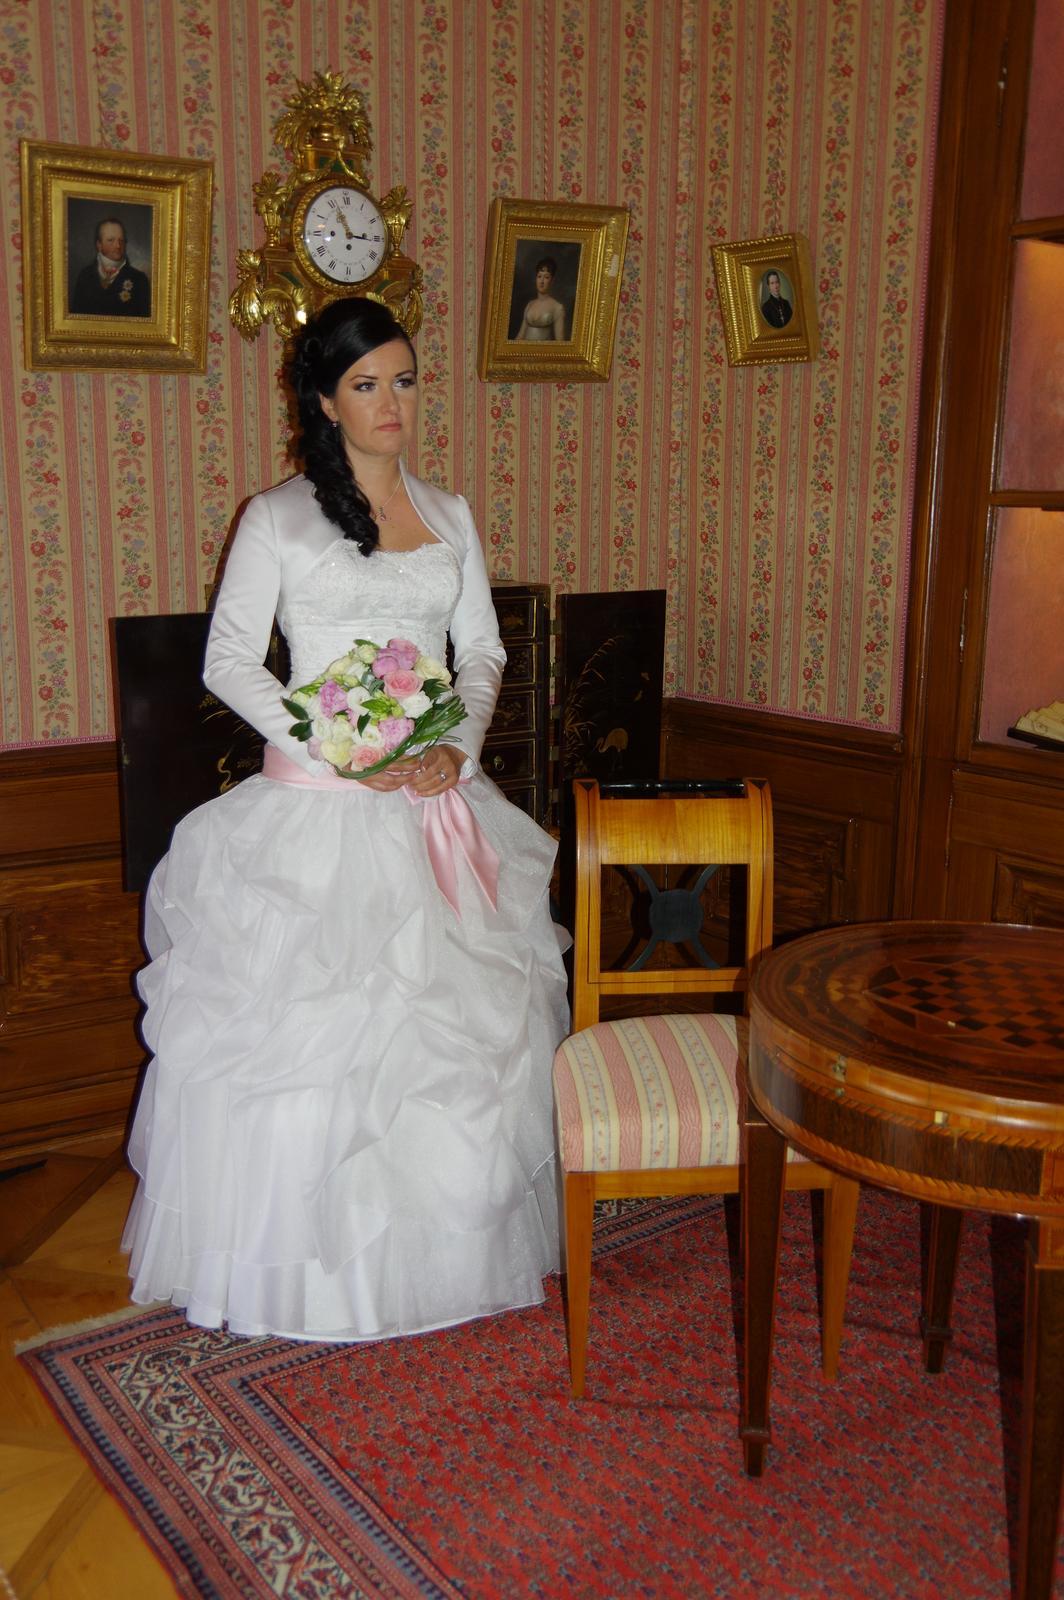 svatební šaty bílé zn. zoryana stekhnovych - Obrázek č. 1